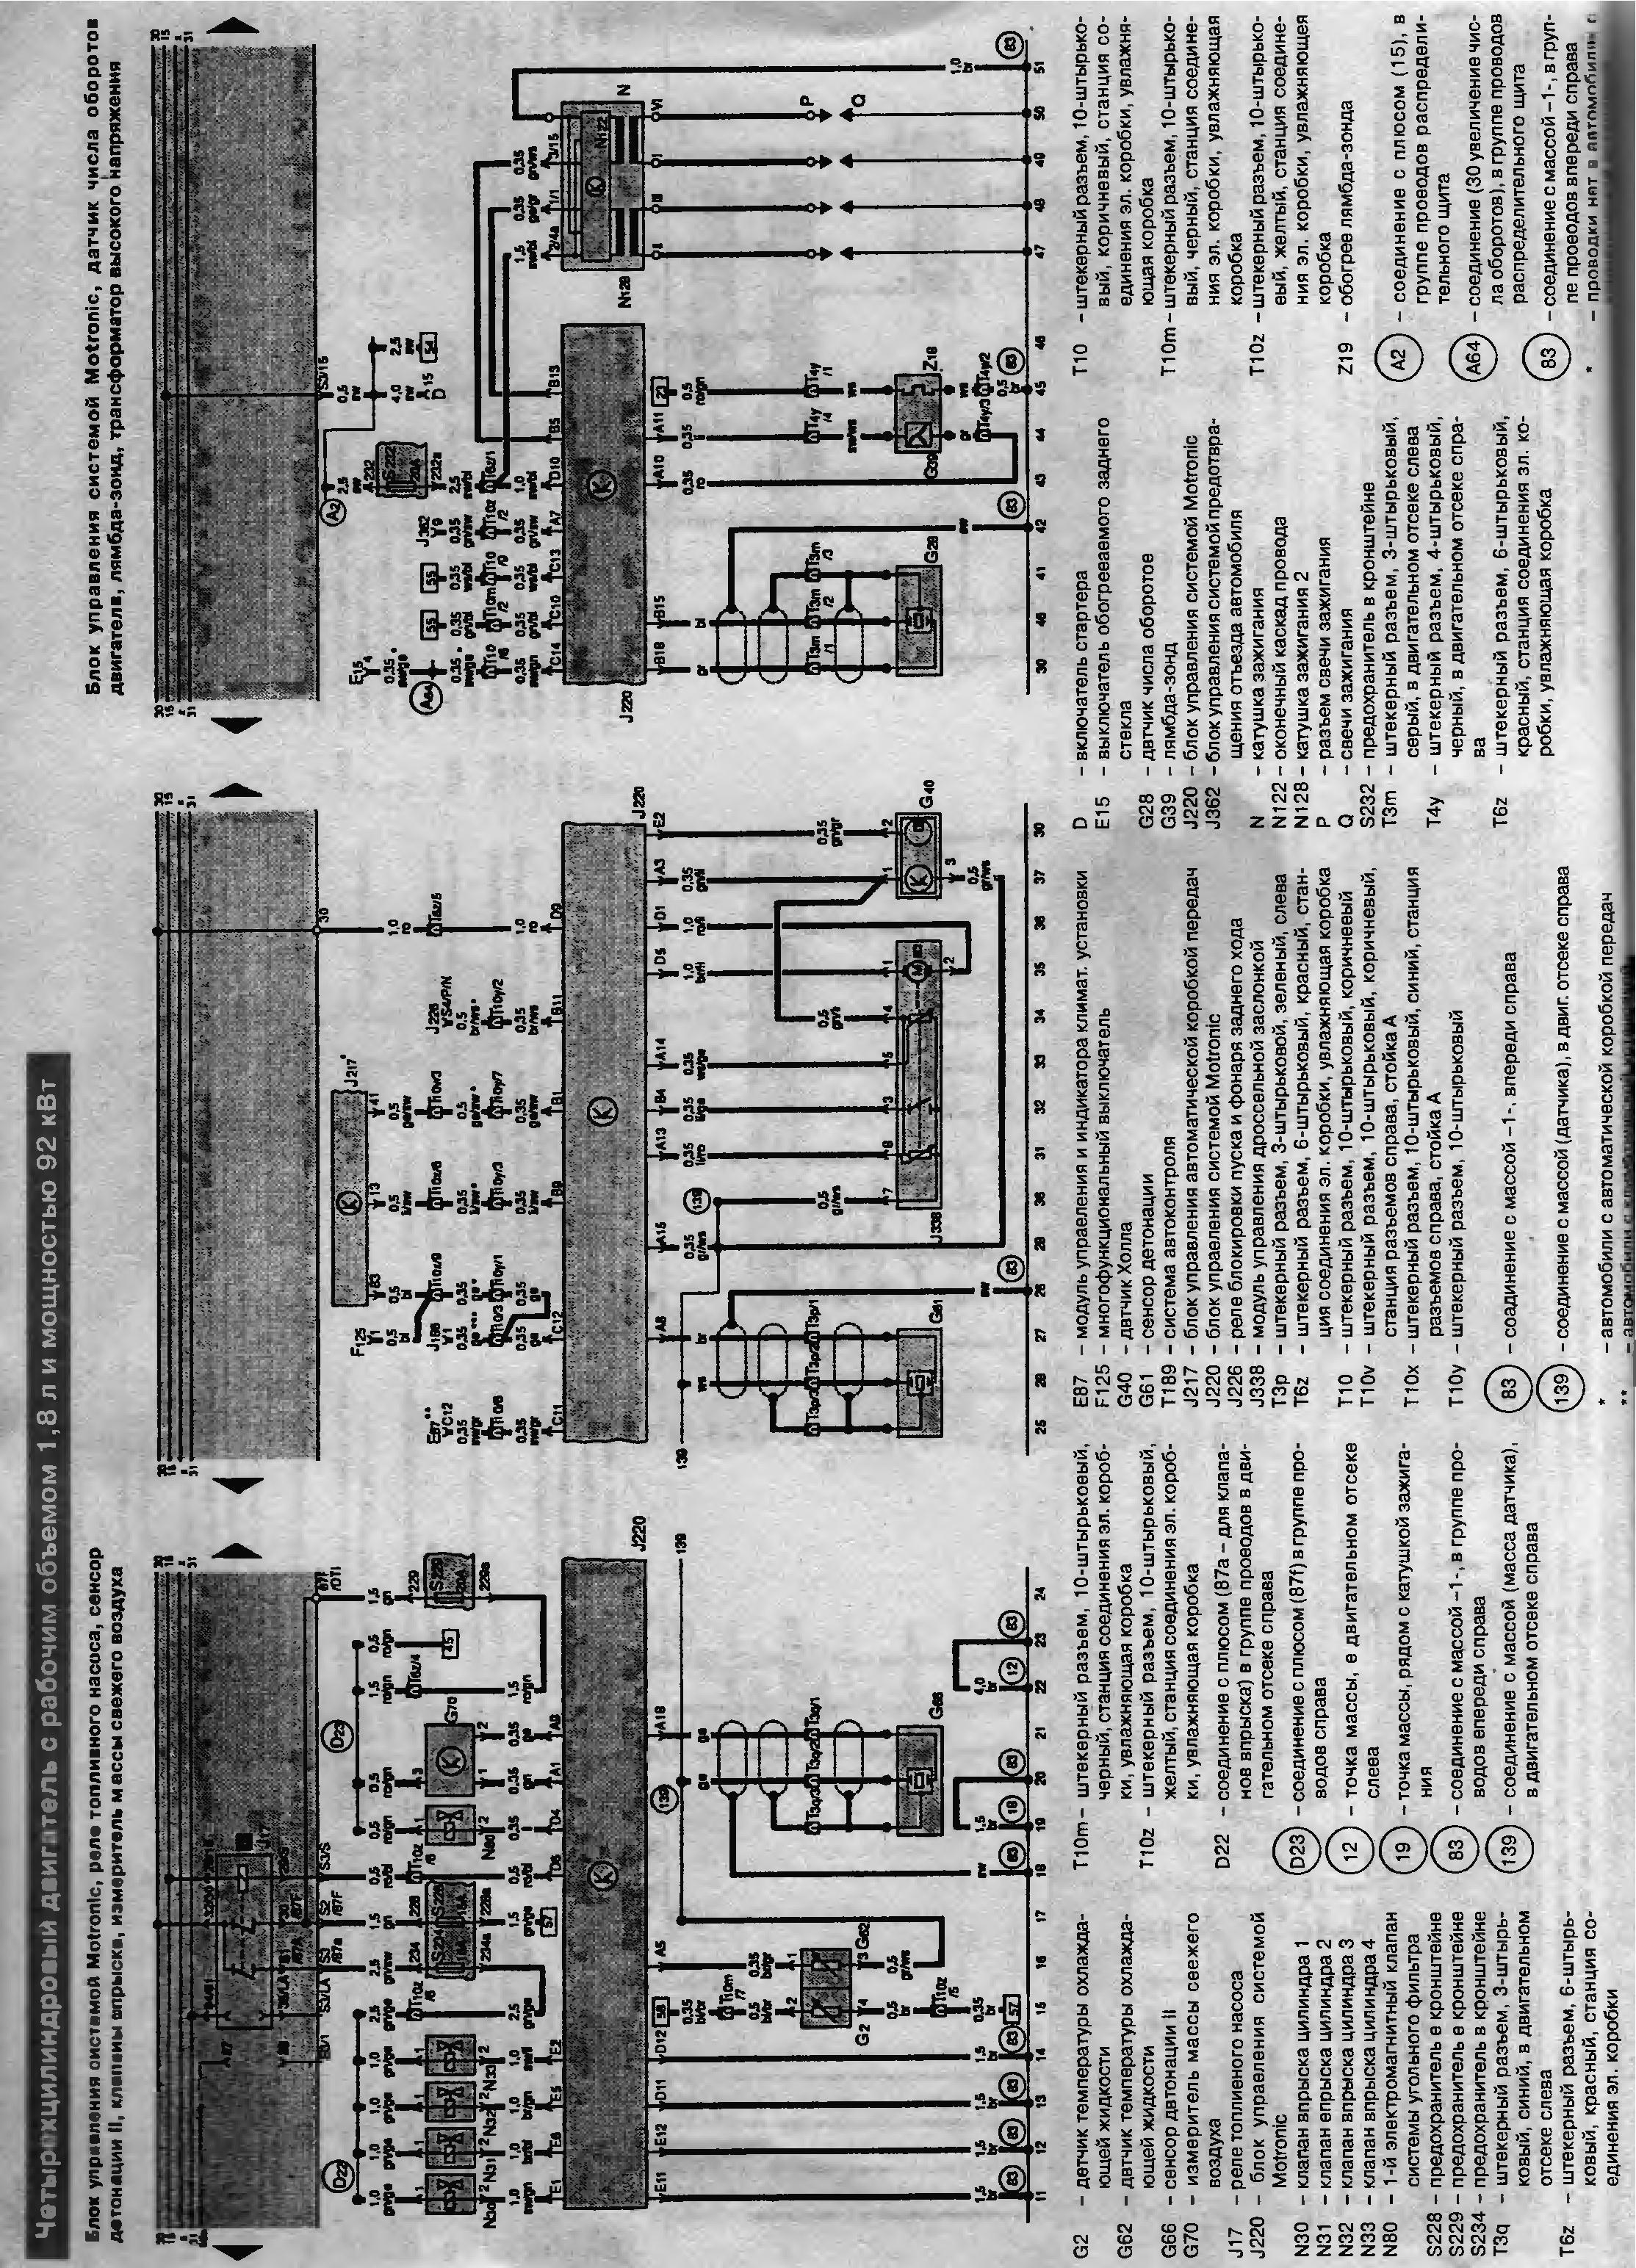 электрическая схема митсубиси галант 1993г